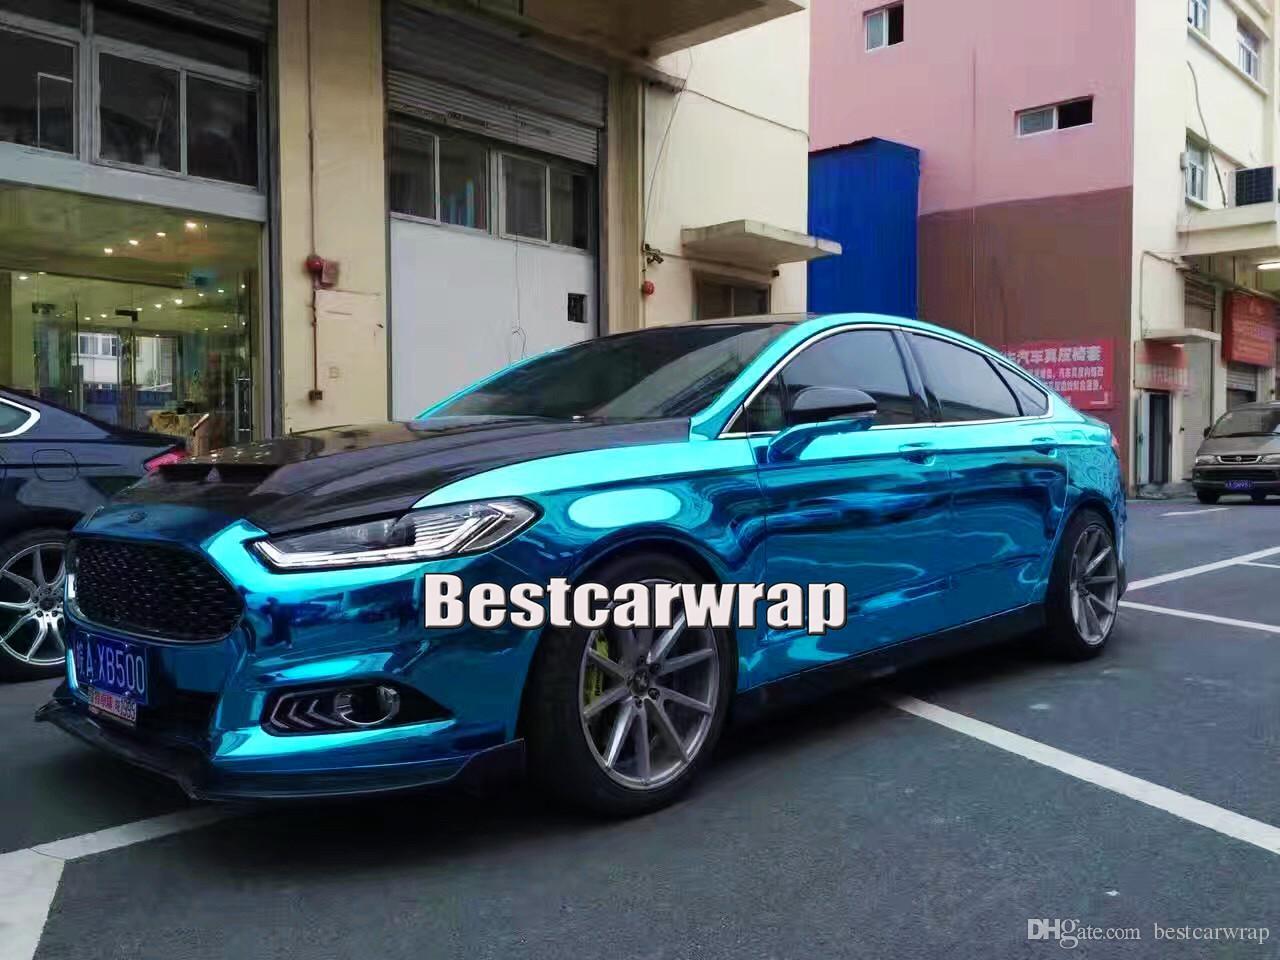 Высокое качество хром светло-голубой винил для автомобиля обернуть с воздушным пузырем бесплатно легко stertch для стайлинга автомобилей размер: 1.52x20m / крен 5x66ft